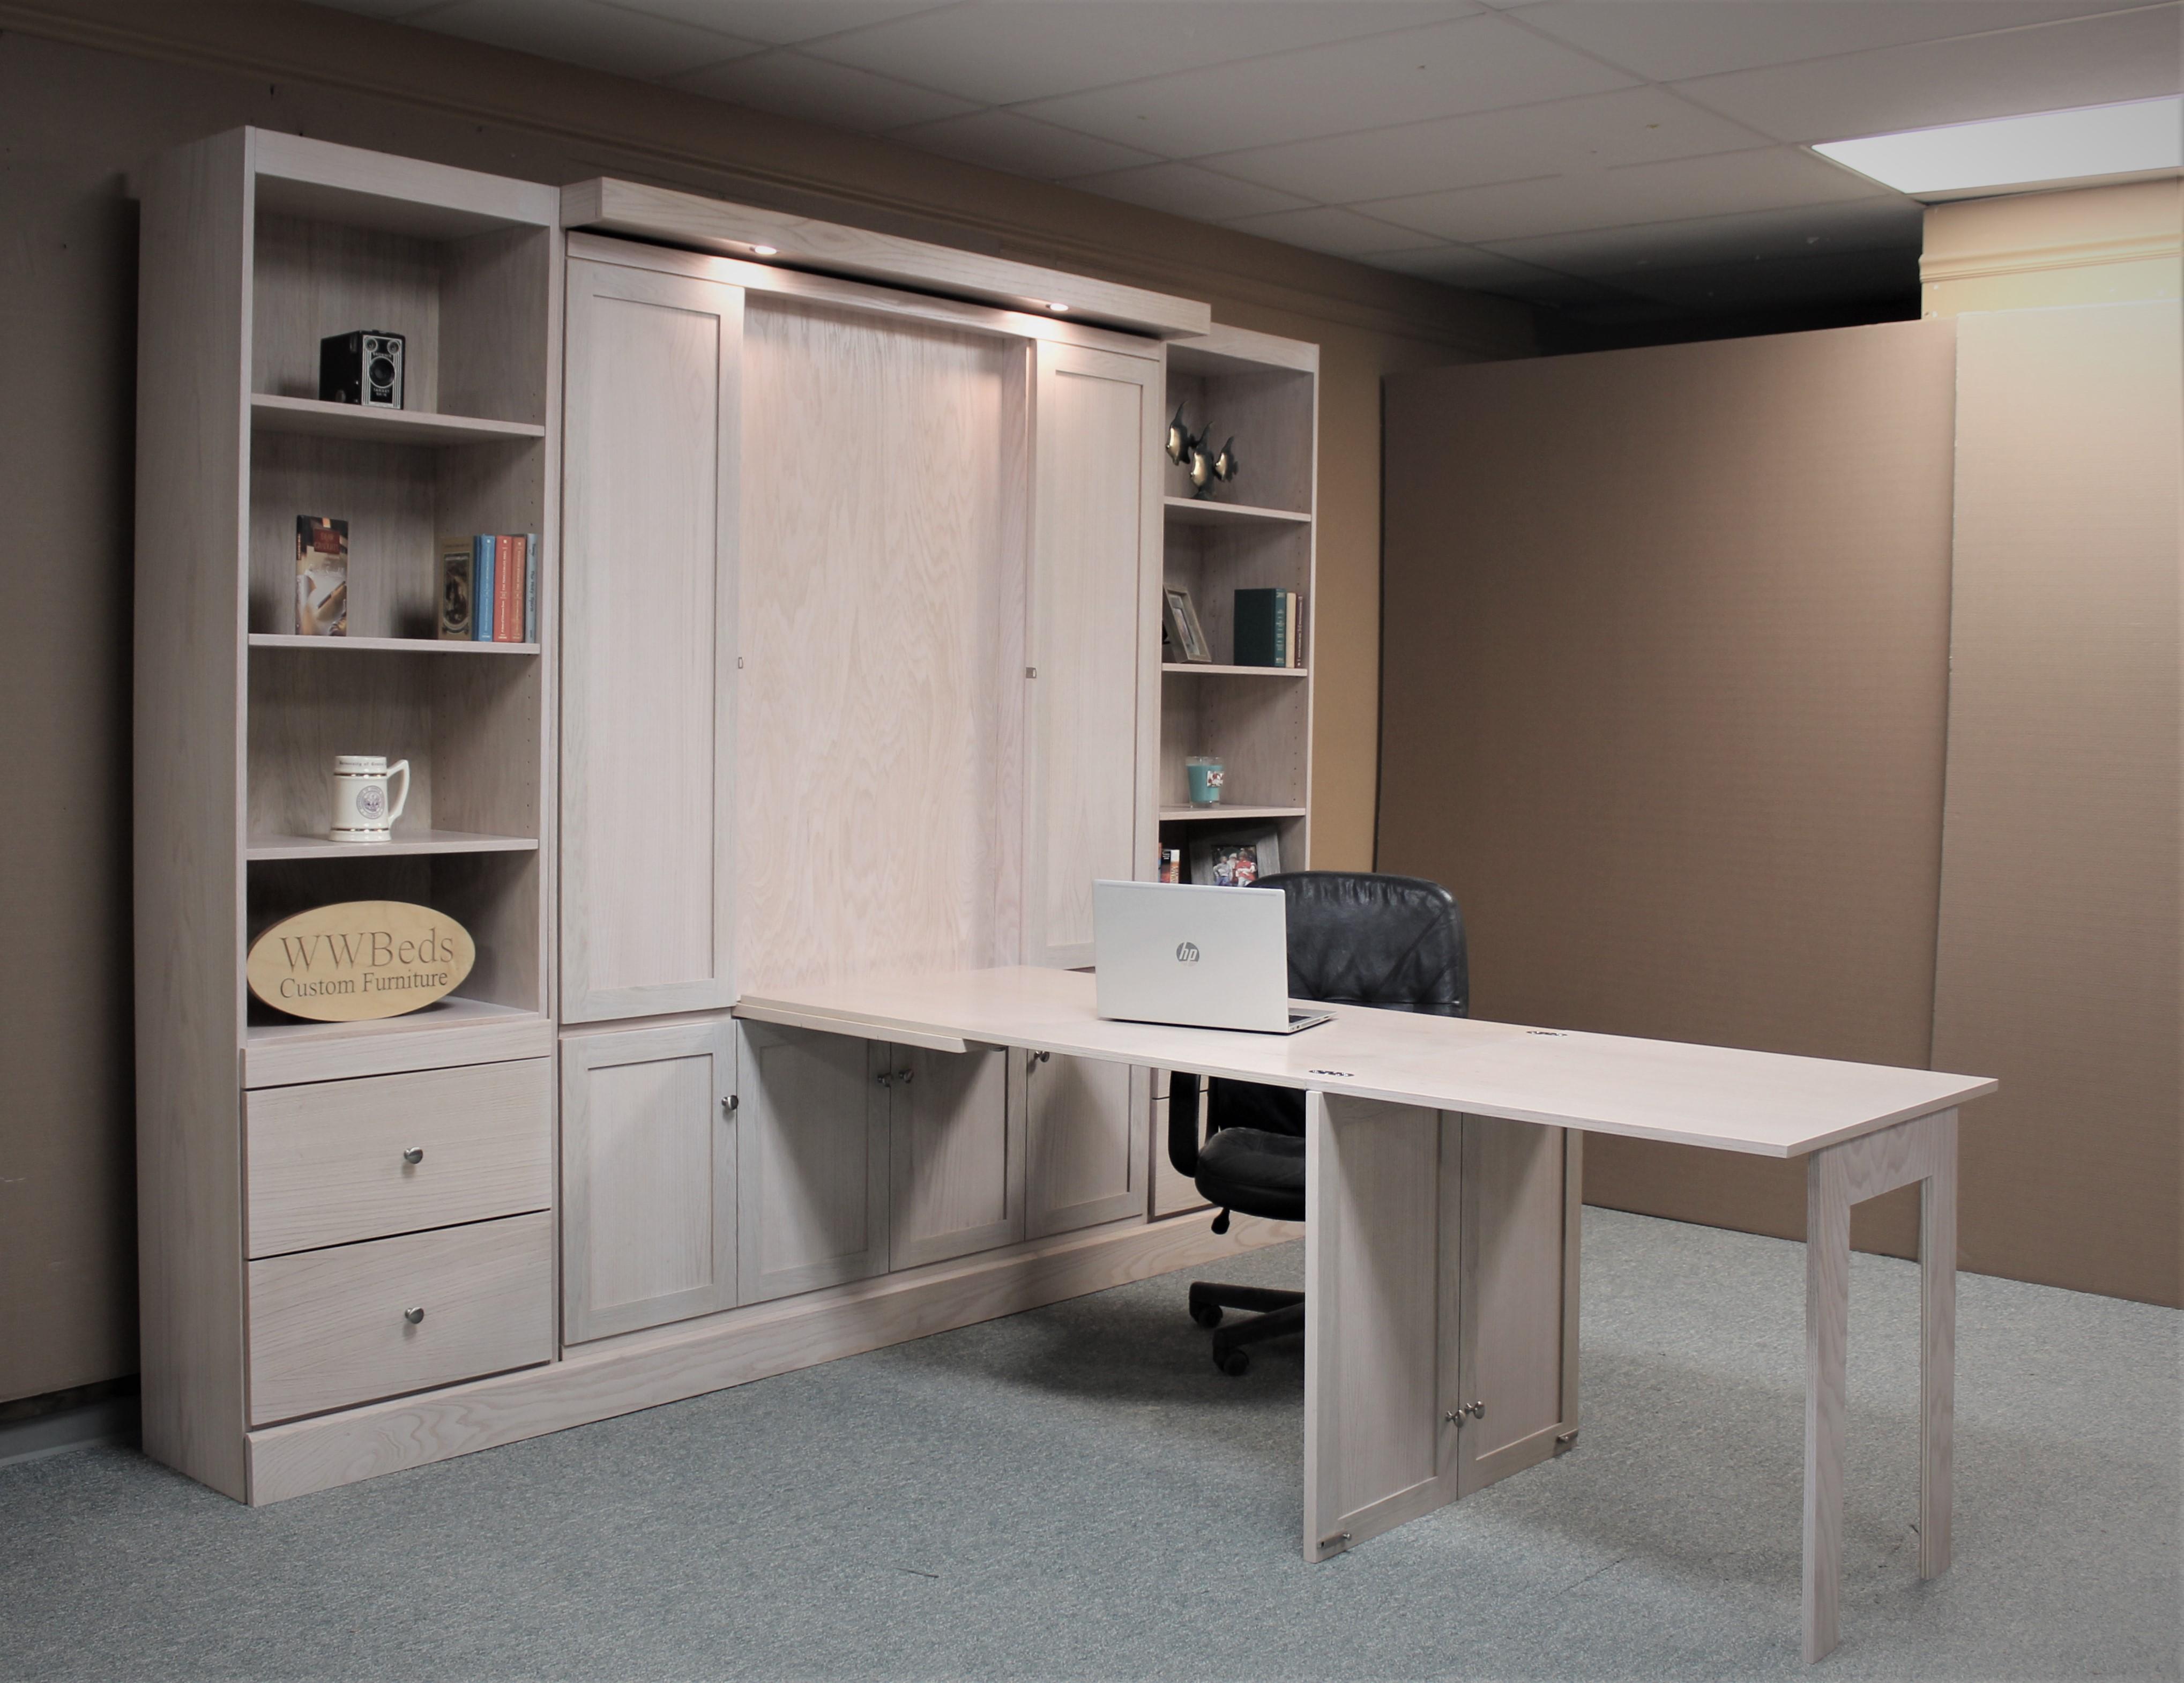 1310-0321 Desk Side